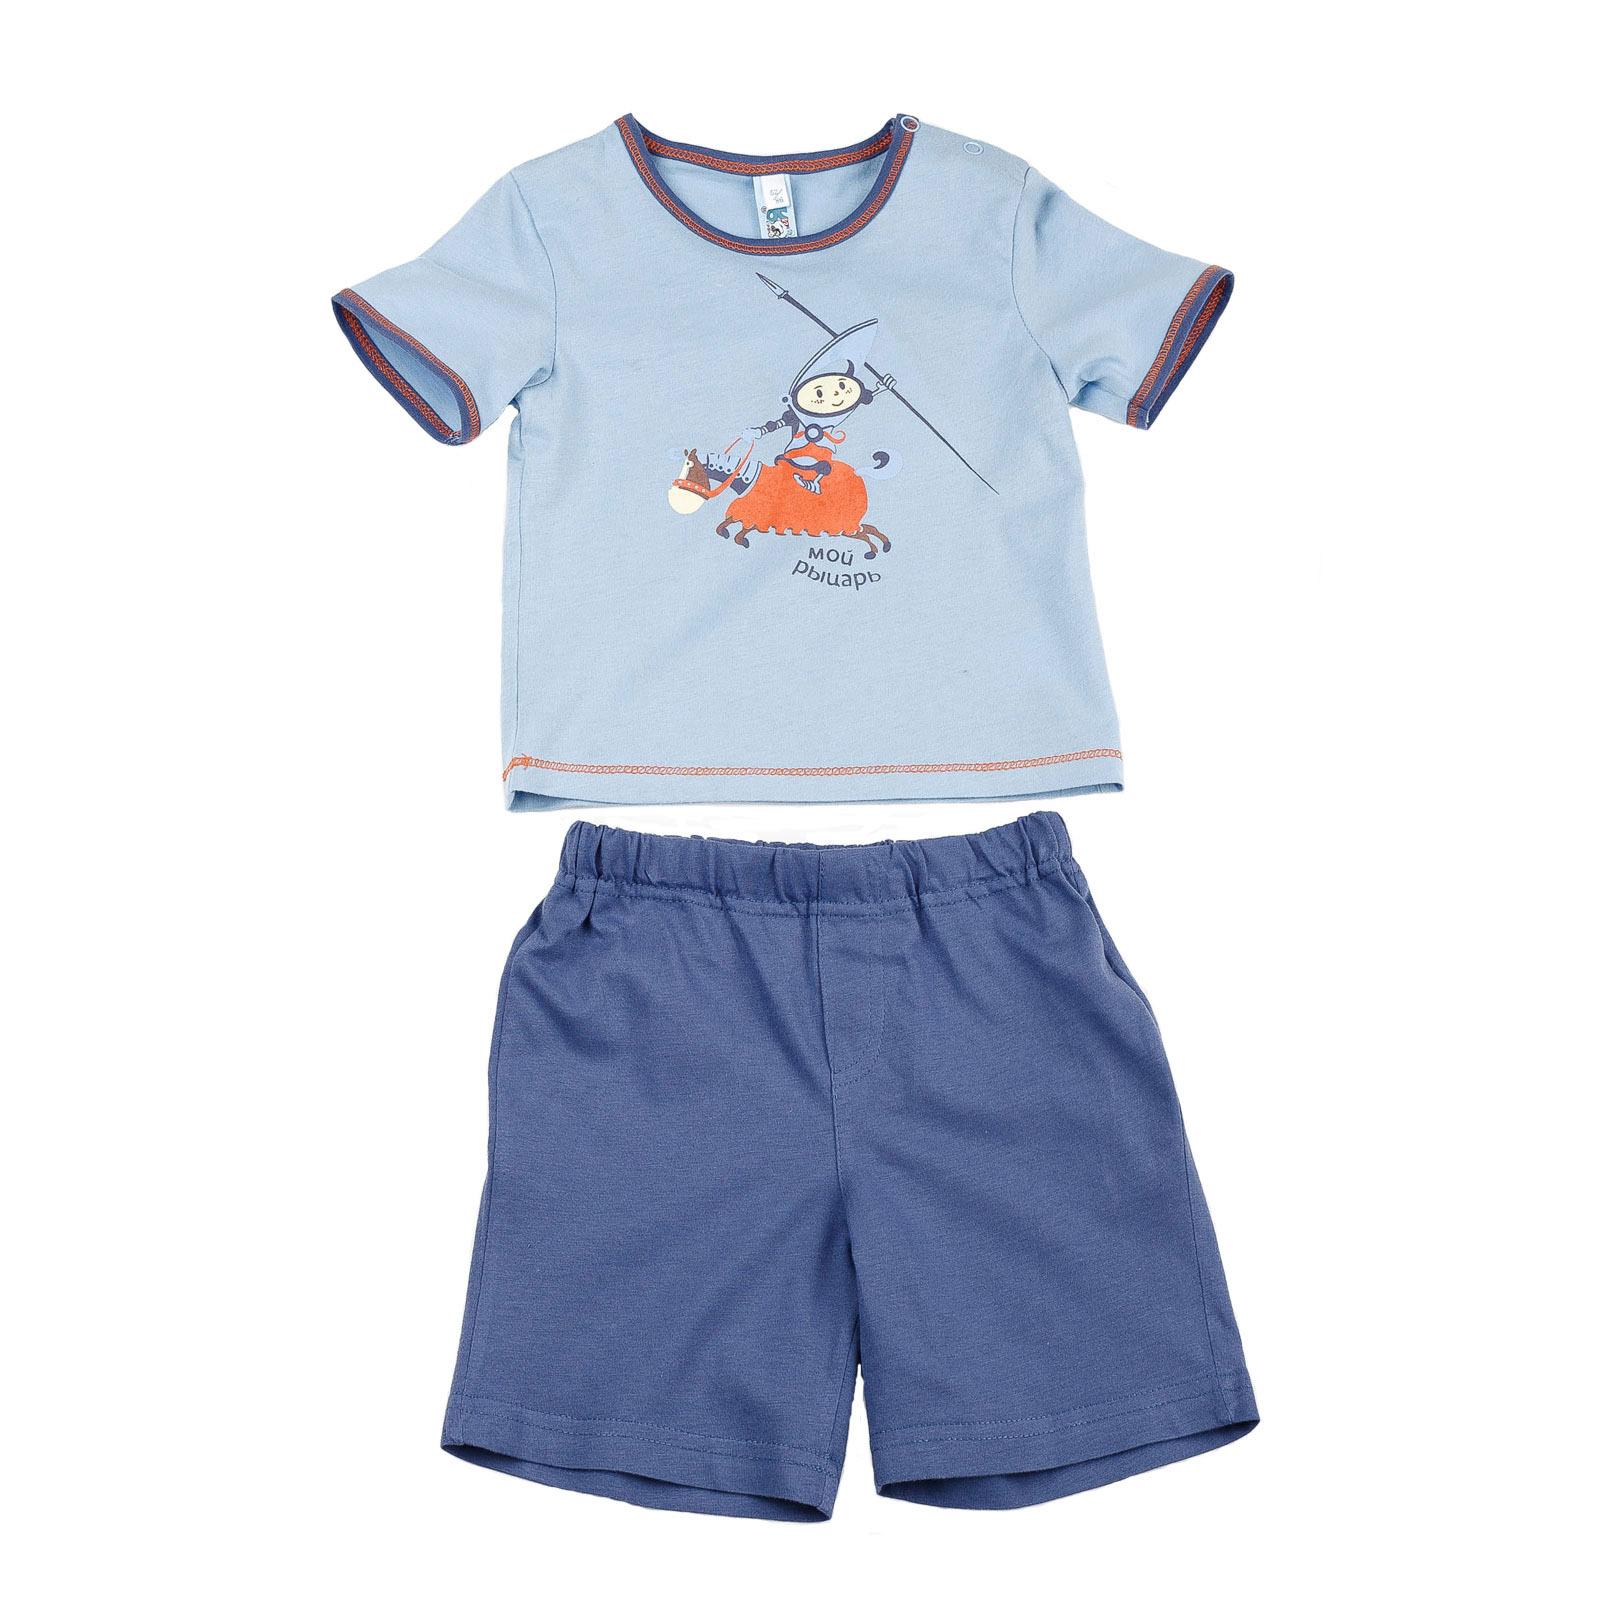 Комплект Veneya Венейя (футболка+шорты) для мальчика голубой размер 86